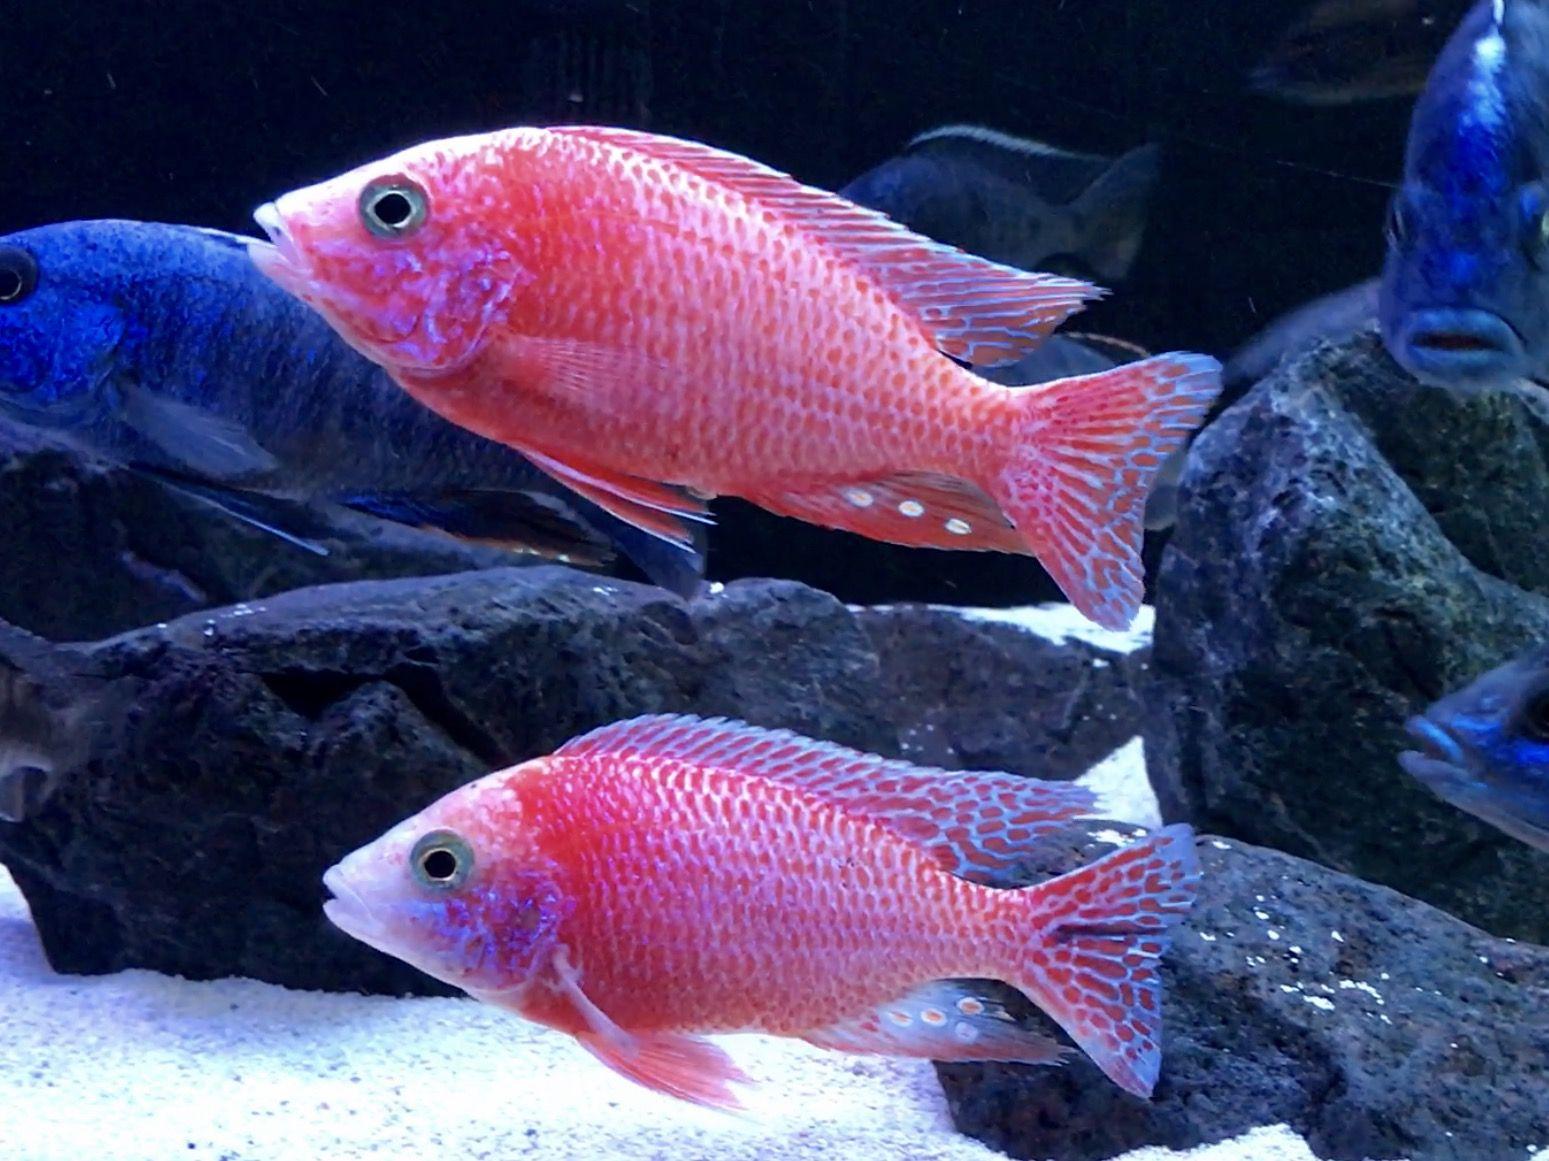 Dragonblood Strawberry Peackock African Cichlid Cichlid Aquarium Aquarium Fish Tropical Fish Aquarium